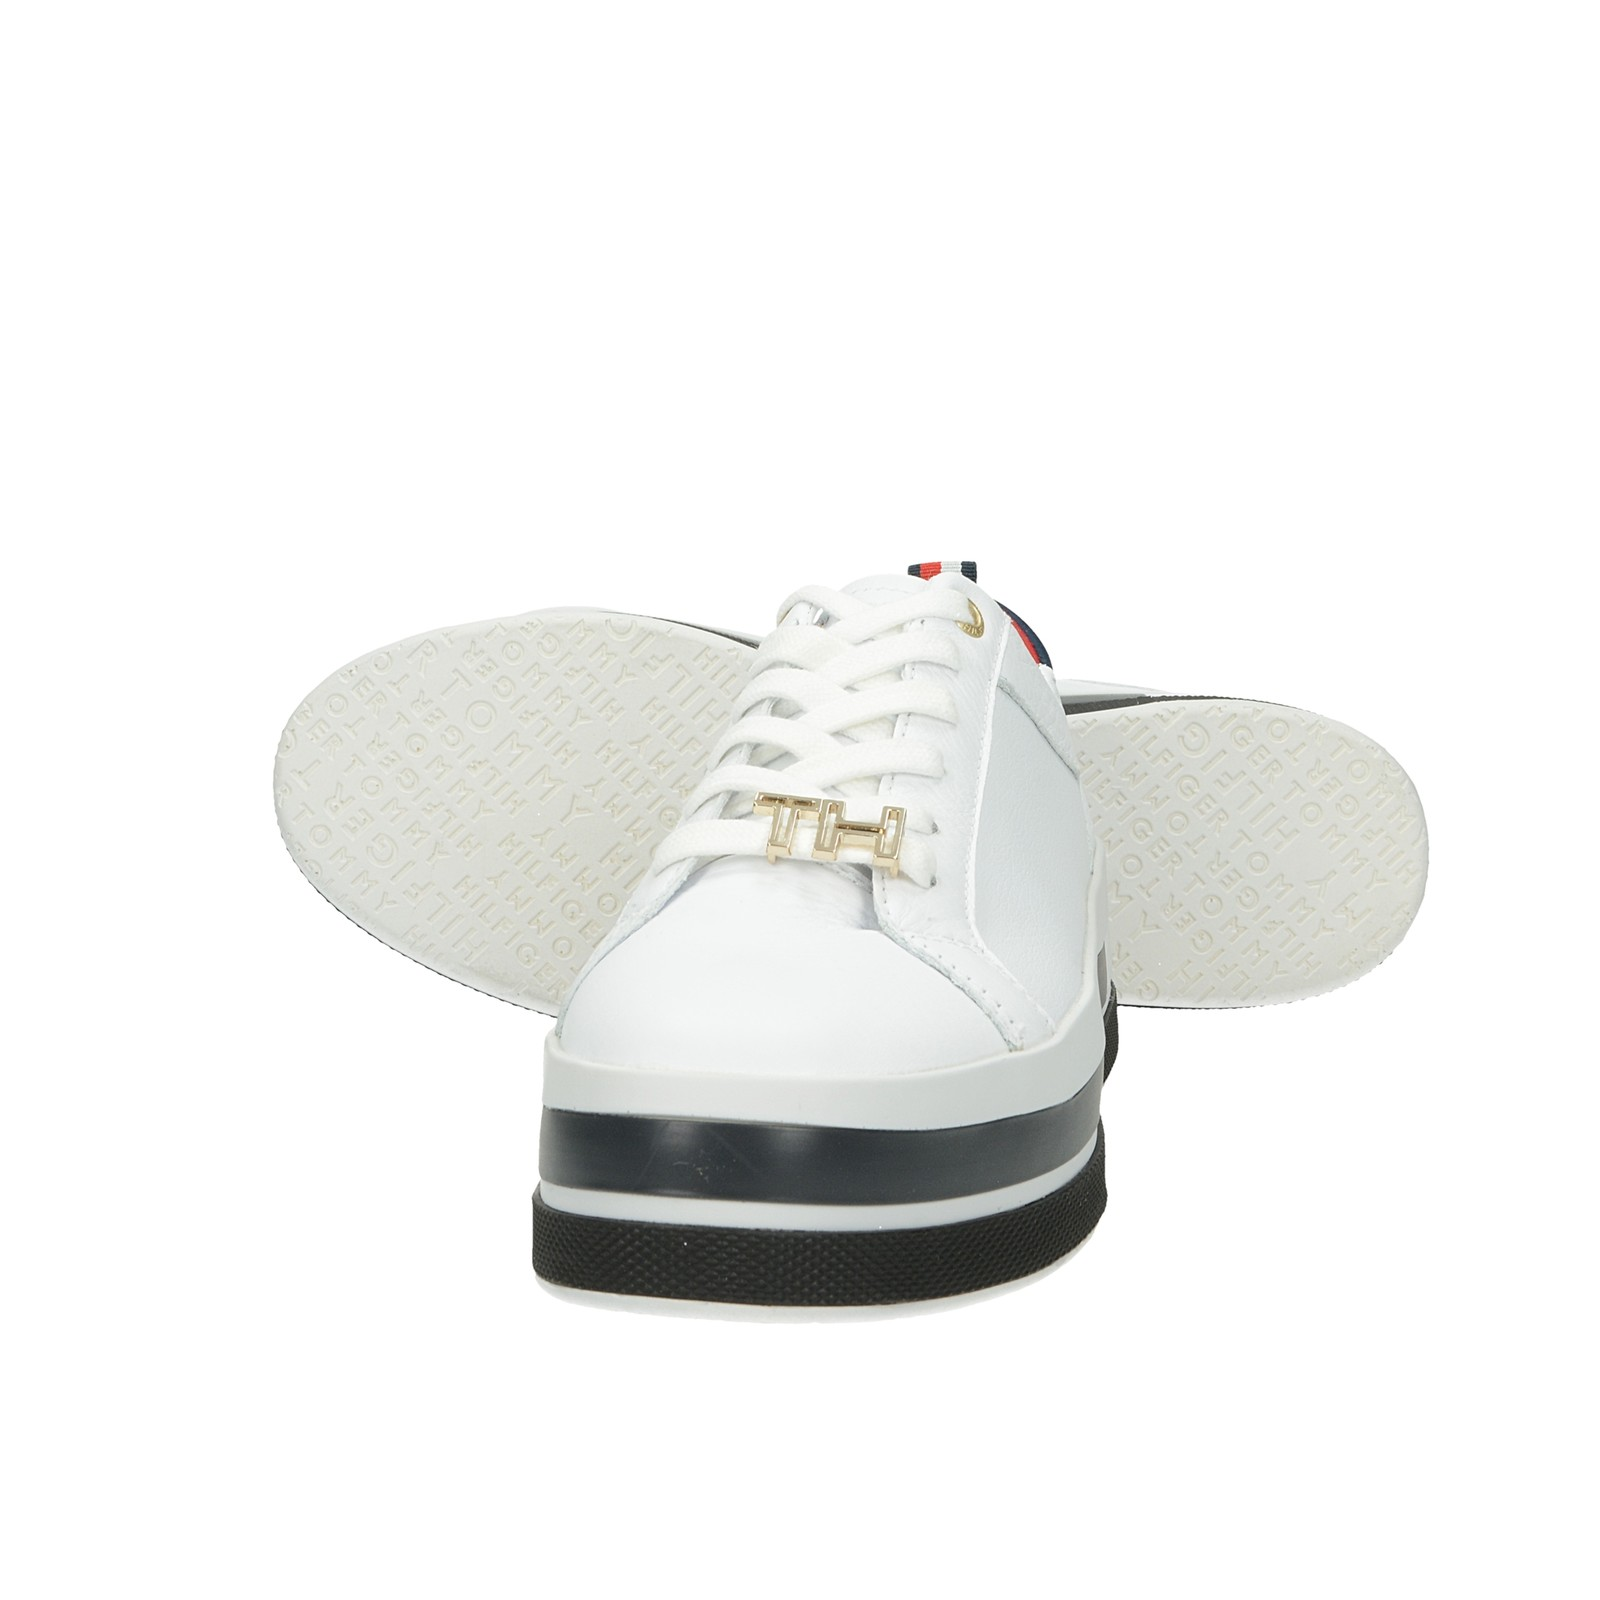 Tommy Hilfiger dámske štýlové tenisky - biele